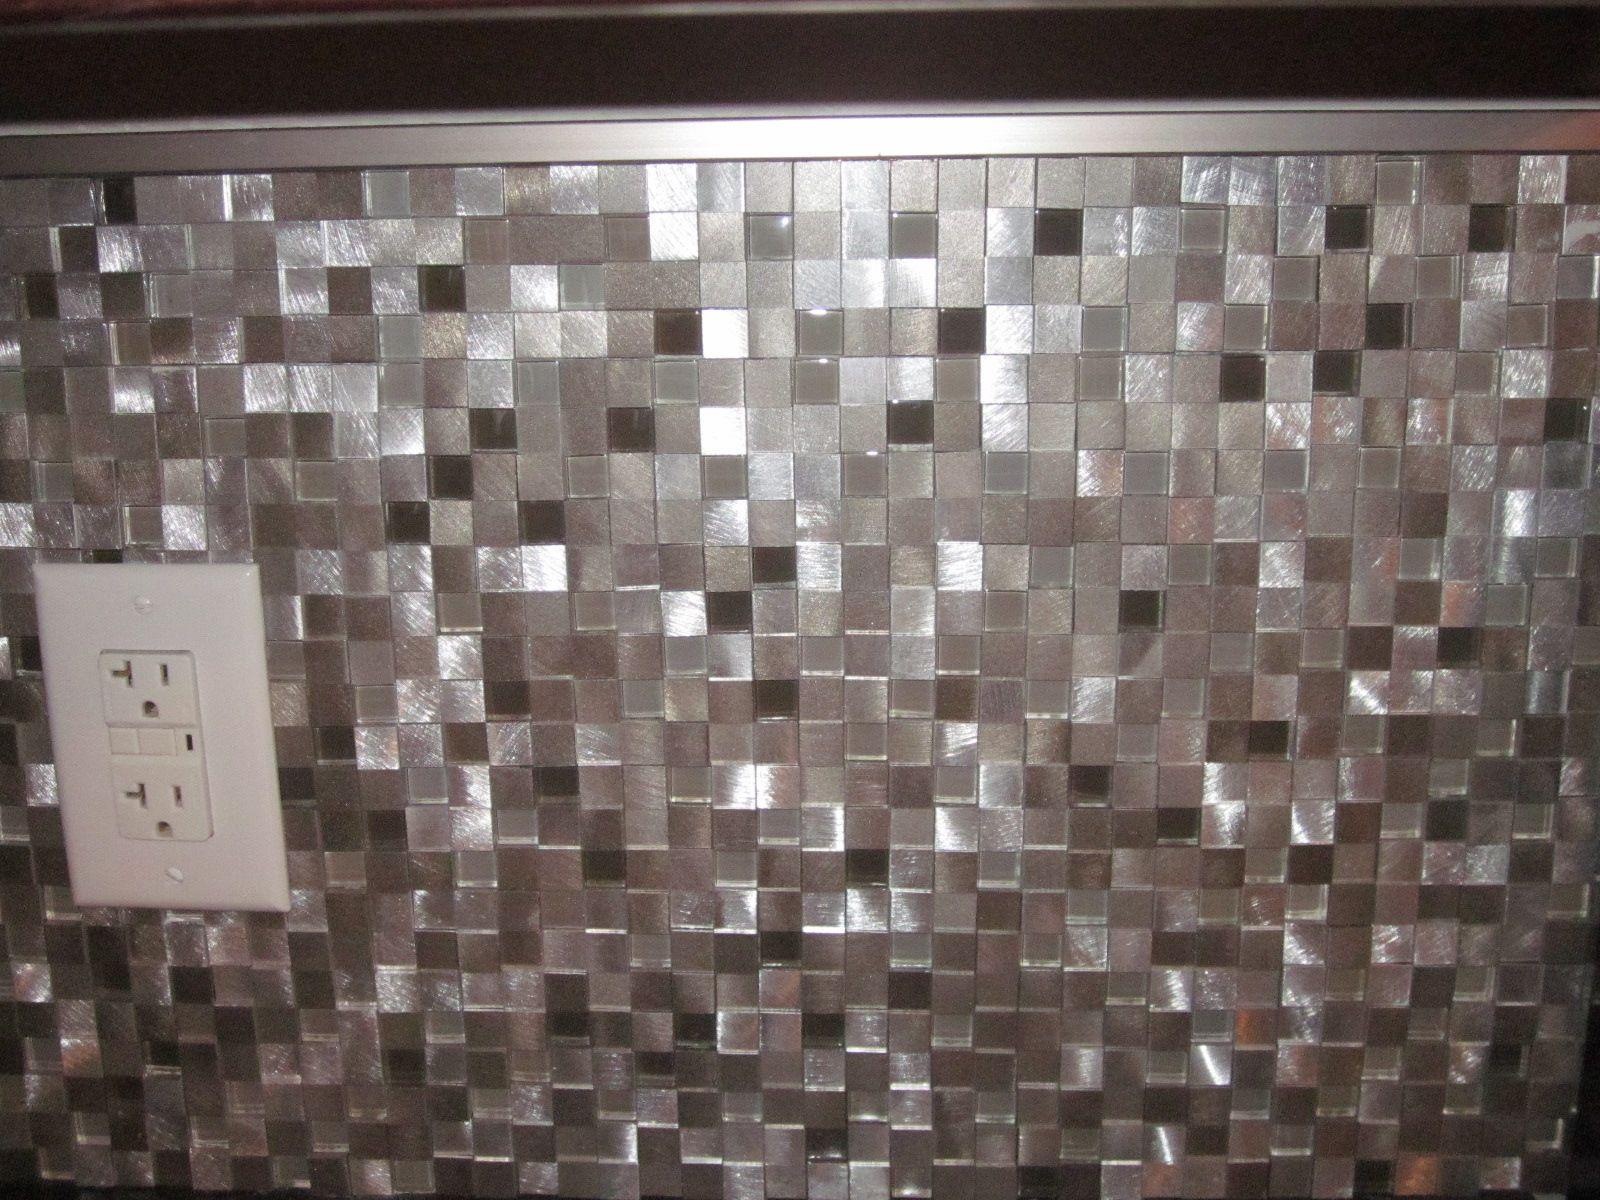 Eden Mosaic Tile 3D Silver And Pewter Aluminum Square Mosaic Tile EMT ALC3D MIX